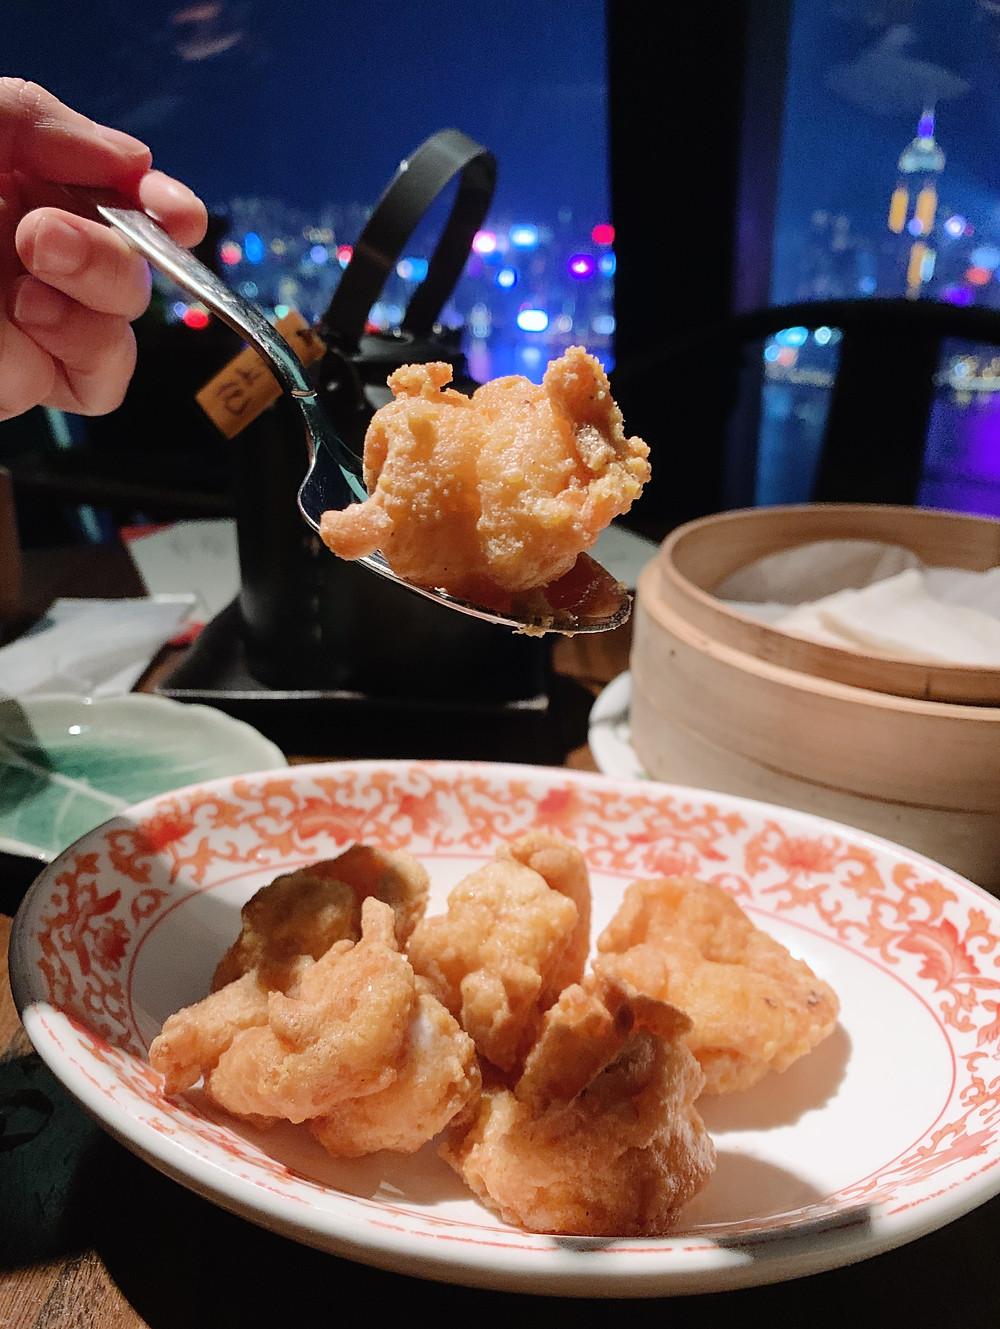 Prawns at Hutong restaurant in Hong Kong